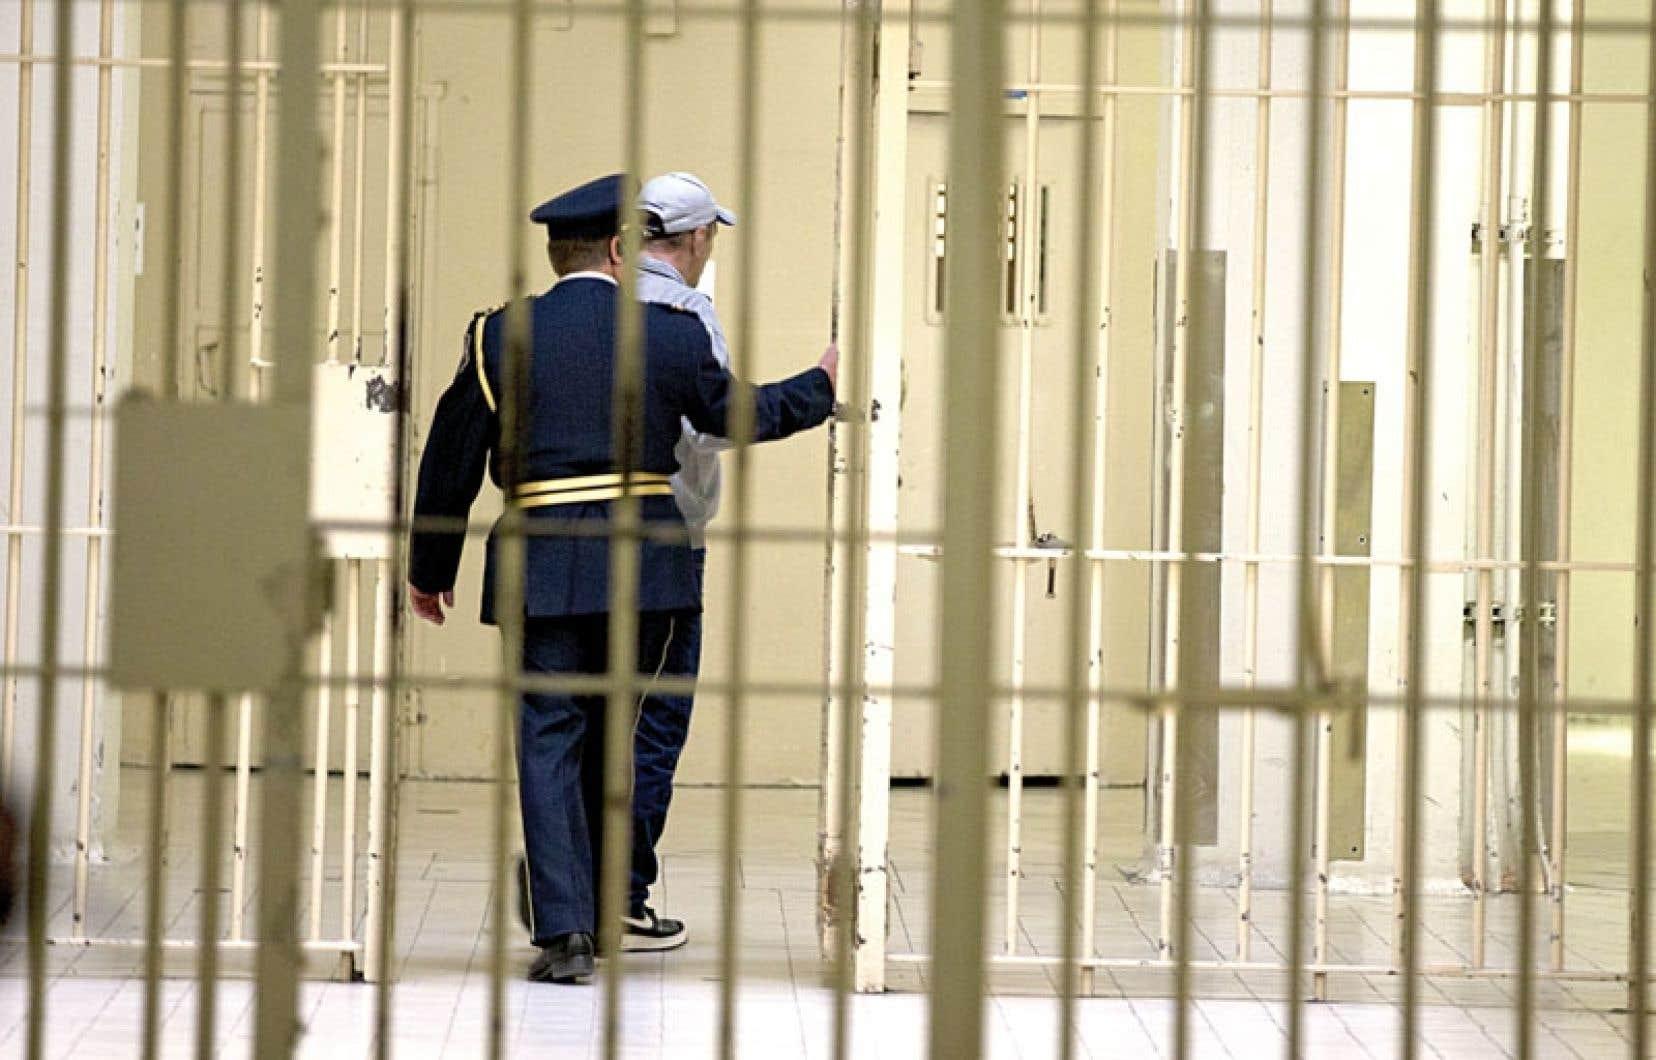 Le taux d'emprisonnement fédéral, par rapport au nombre d'habitants, est resté à peu près constant. C'est celui des provinces qui a crû, passant de 133 prisonniers par 100 000 habitants à 141.